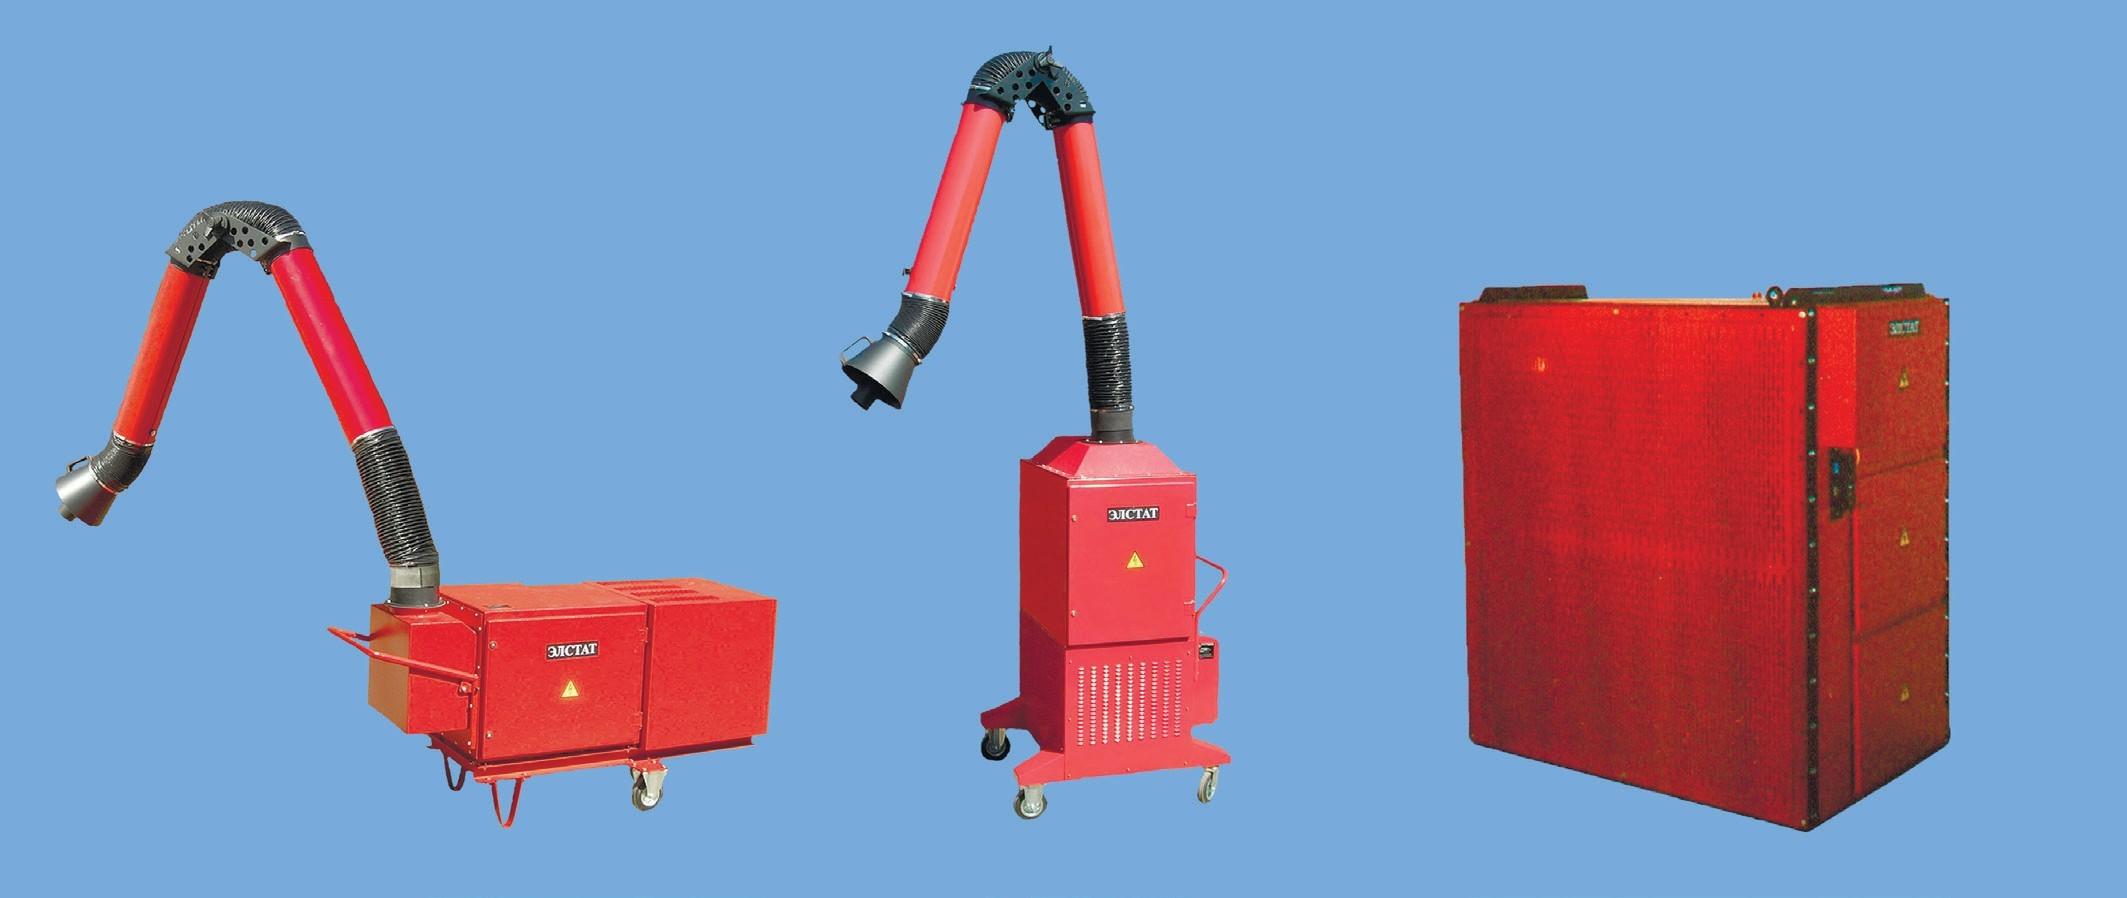 Электростатические фильтры ЭФВА-ЭЛСТАТ – для очистки воздуха при сварке; с фильтрующими ионизационными и осадительными кассетами из алюминия, регенерируемыми промывкой водой. С пультом управления, системой сигнализации. Передвижные и стационарные.